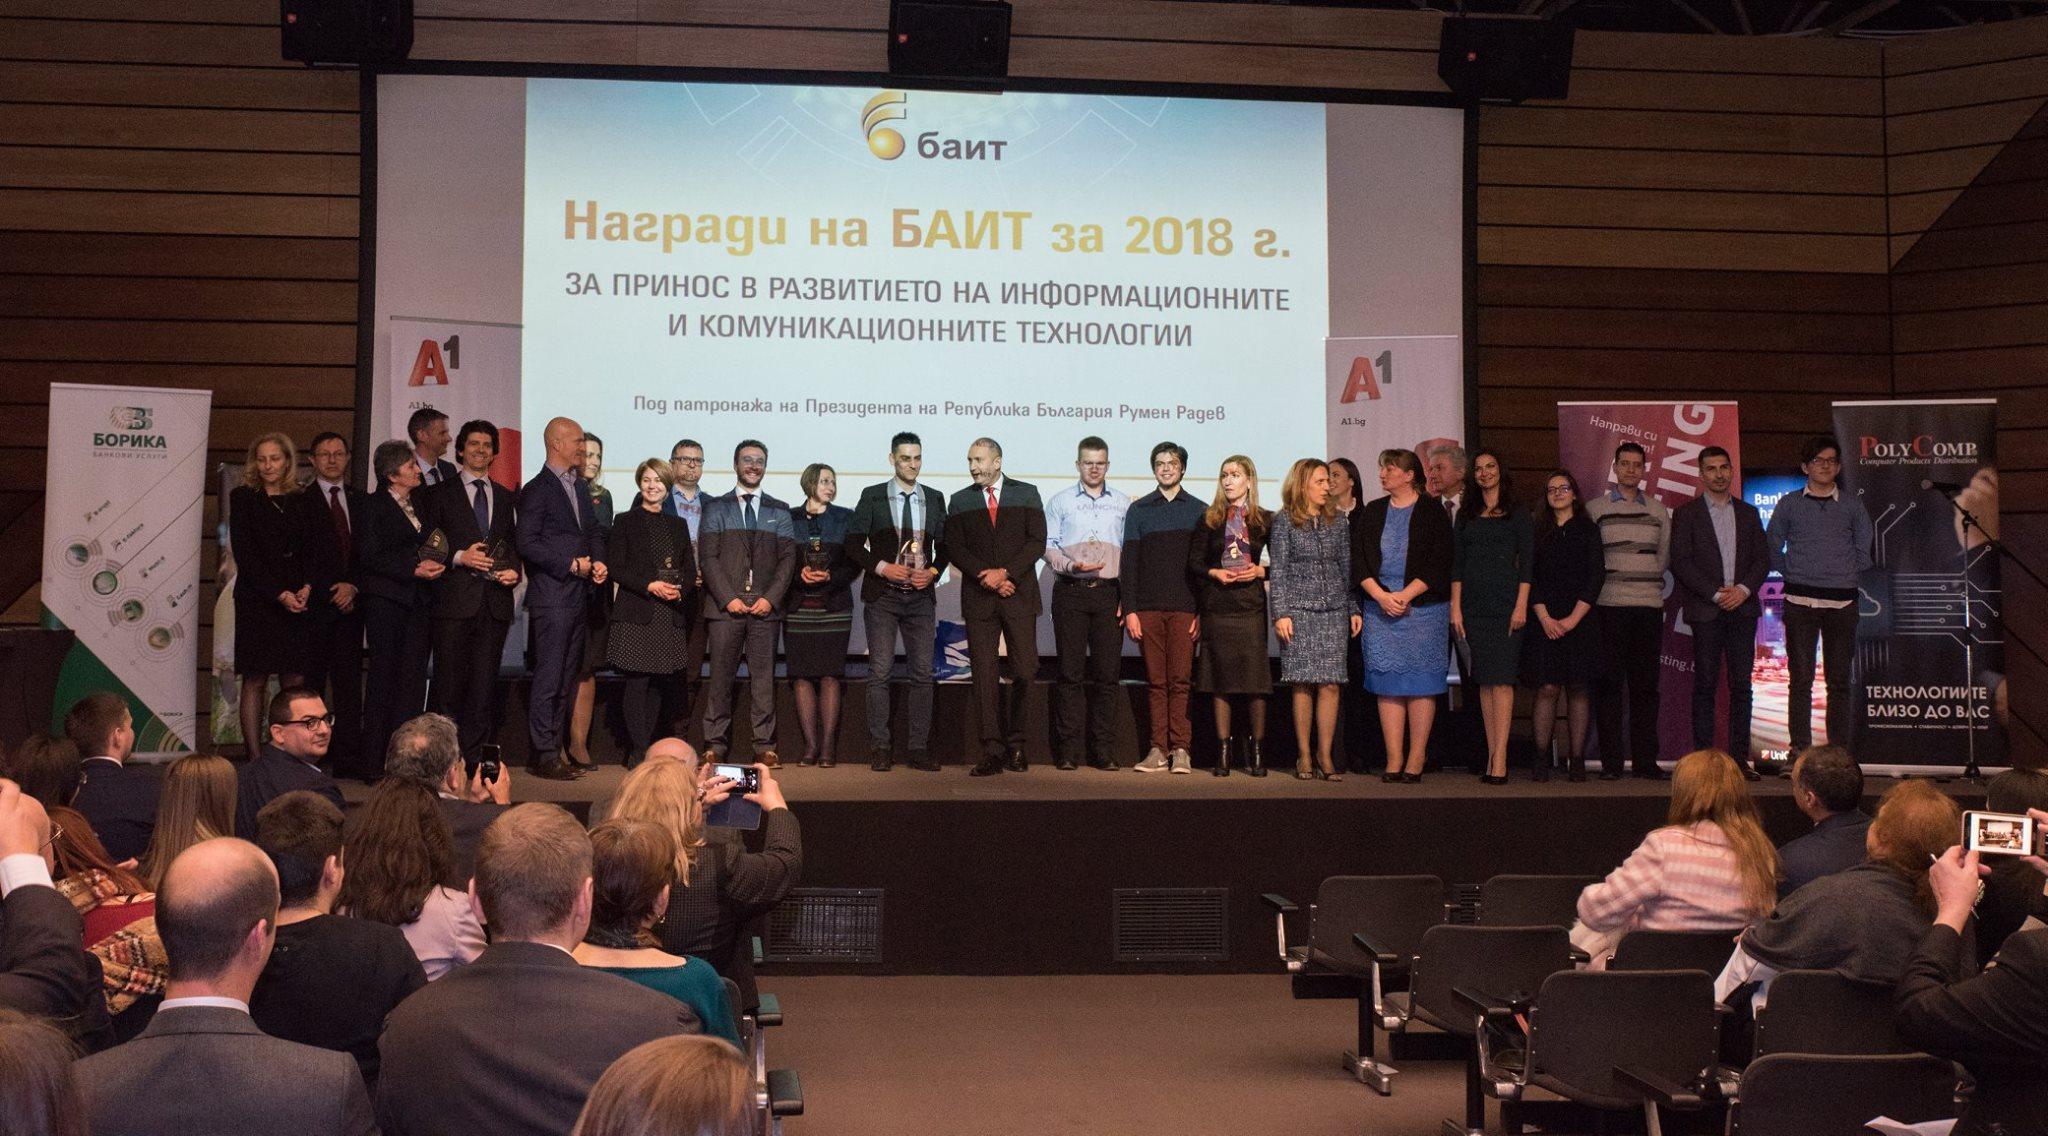 """Известни са победителите в конкурса """"Наградите на БАИТ"""" за 2018 г."""